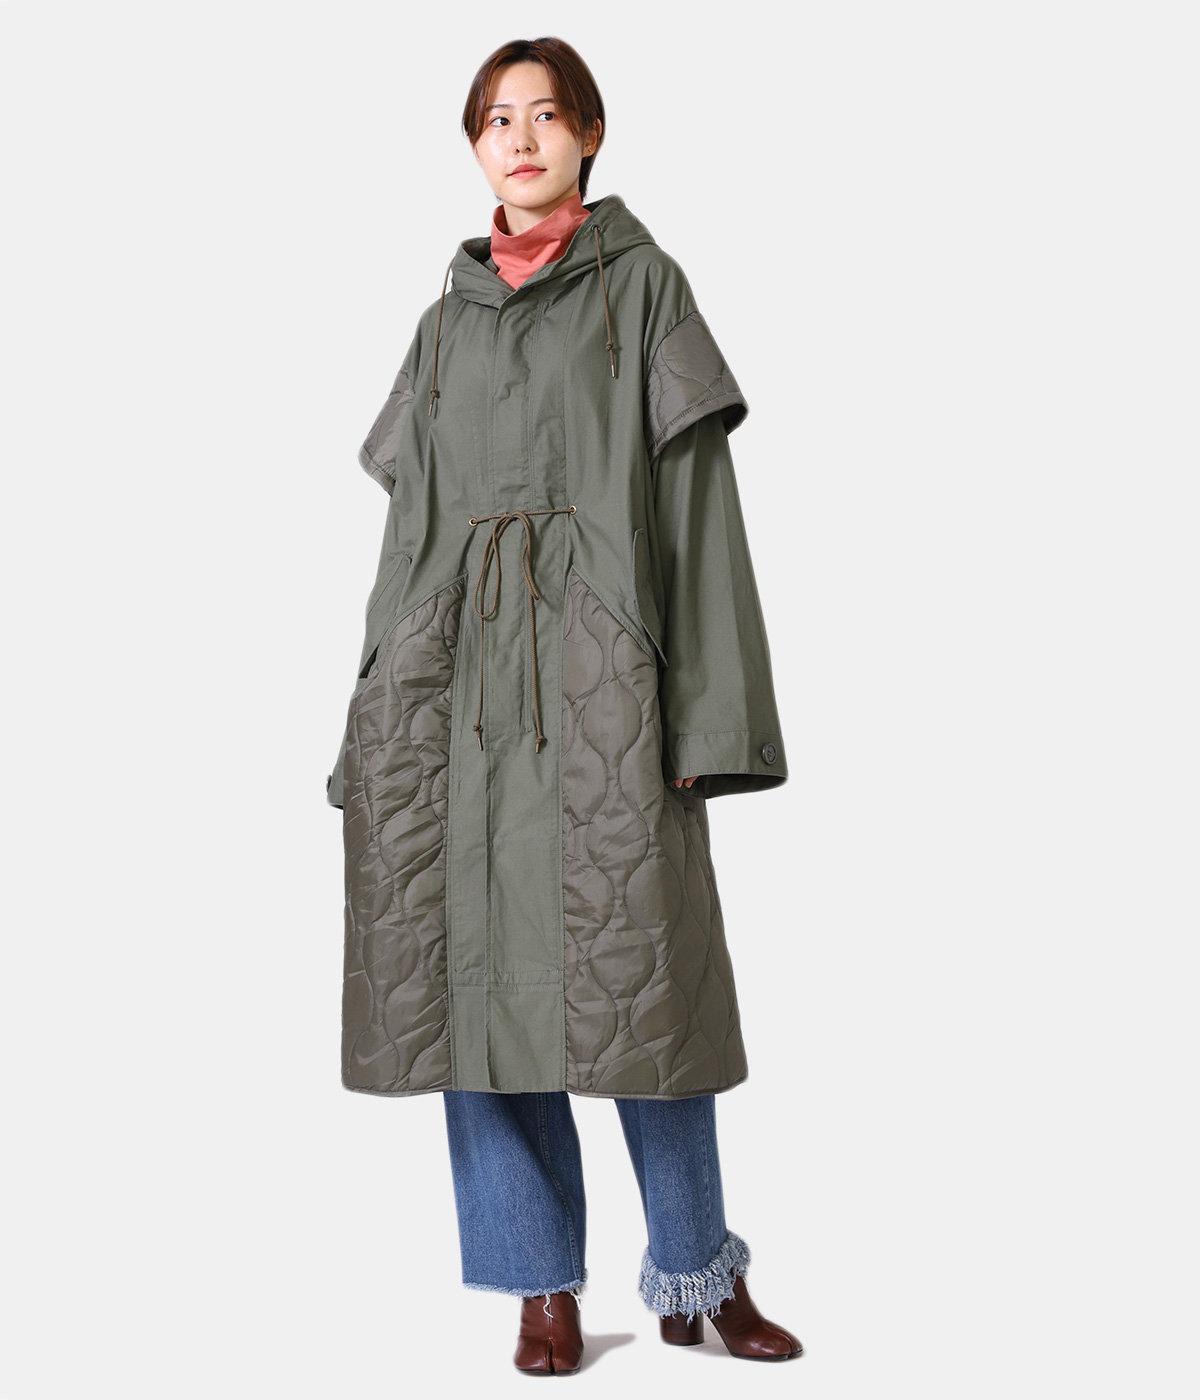 【レディース】circa make cutback military coat